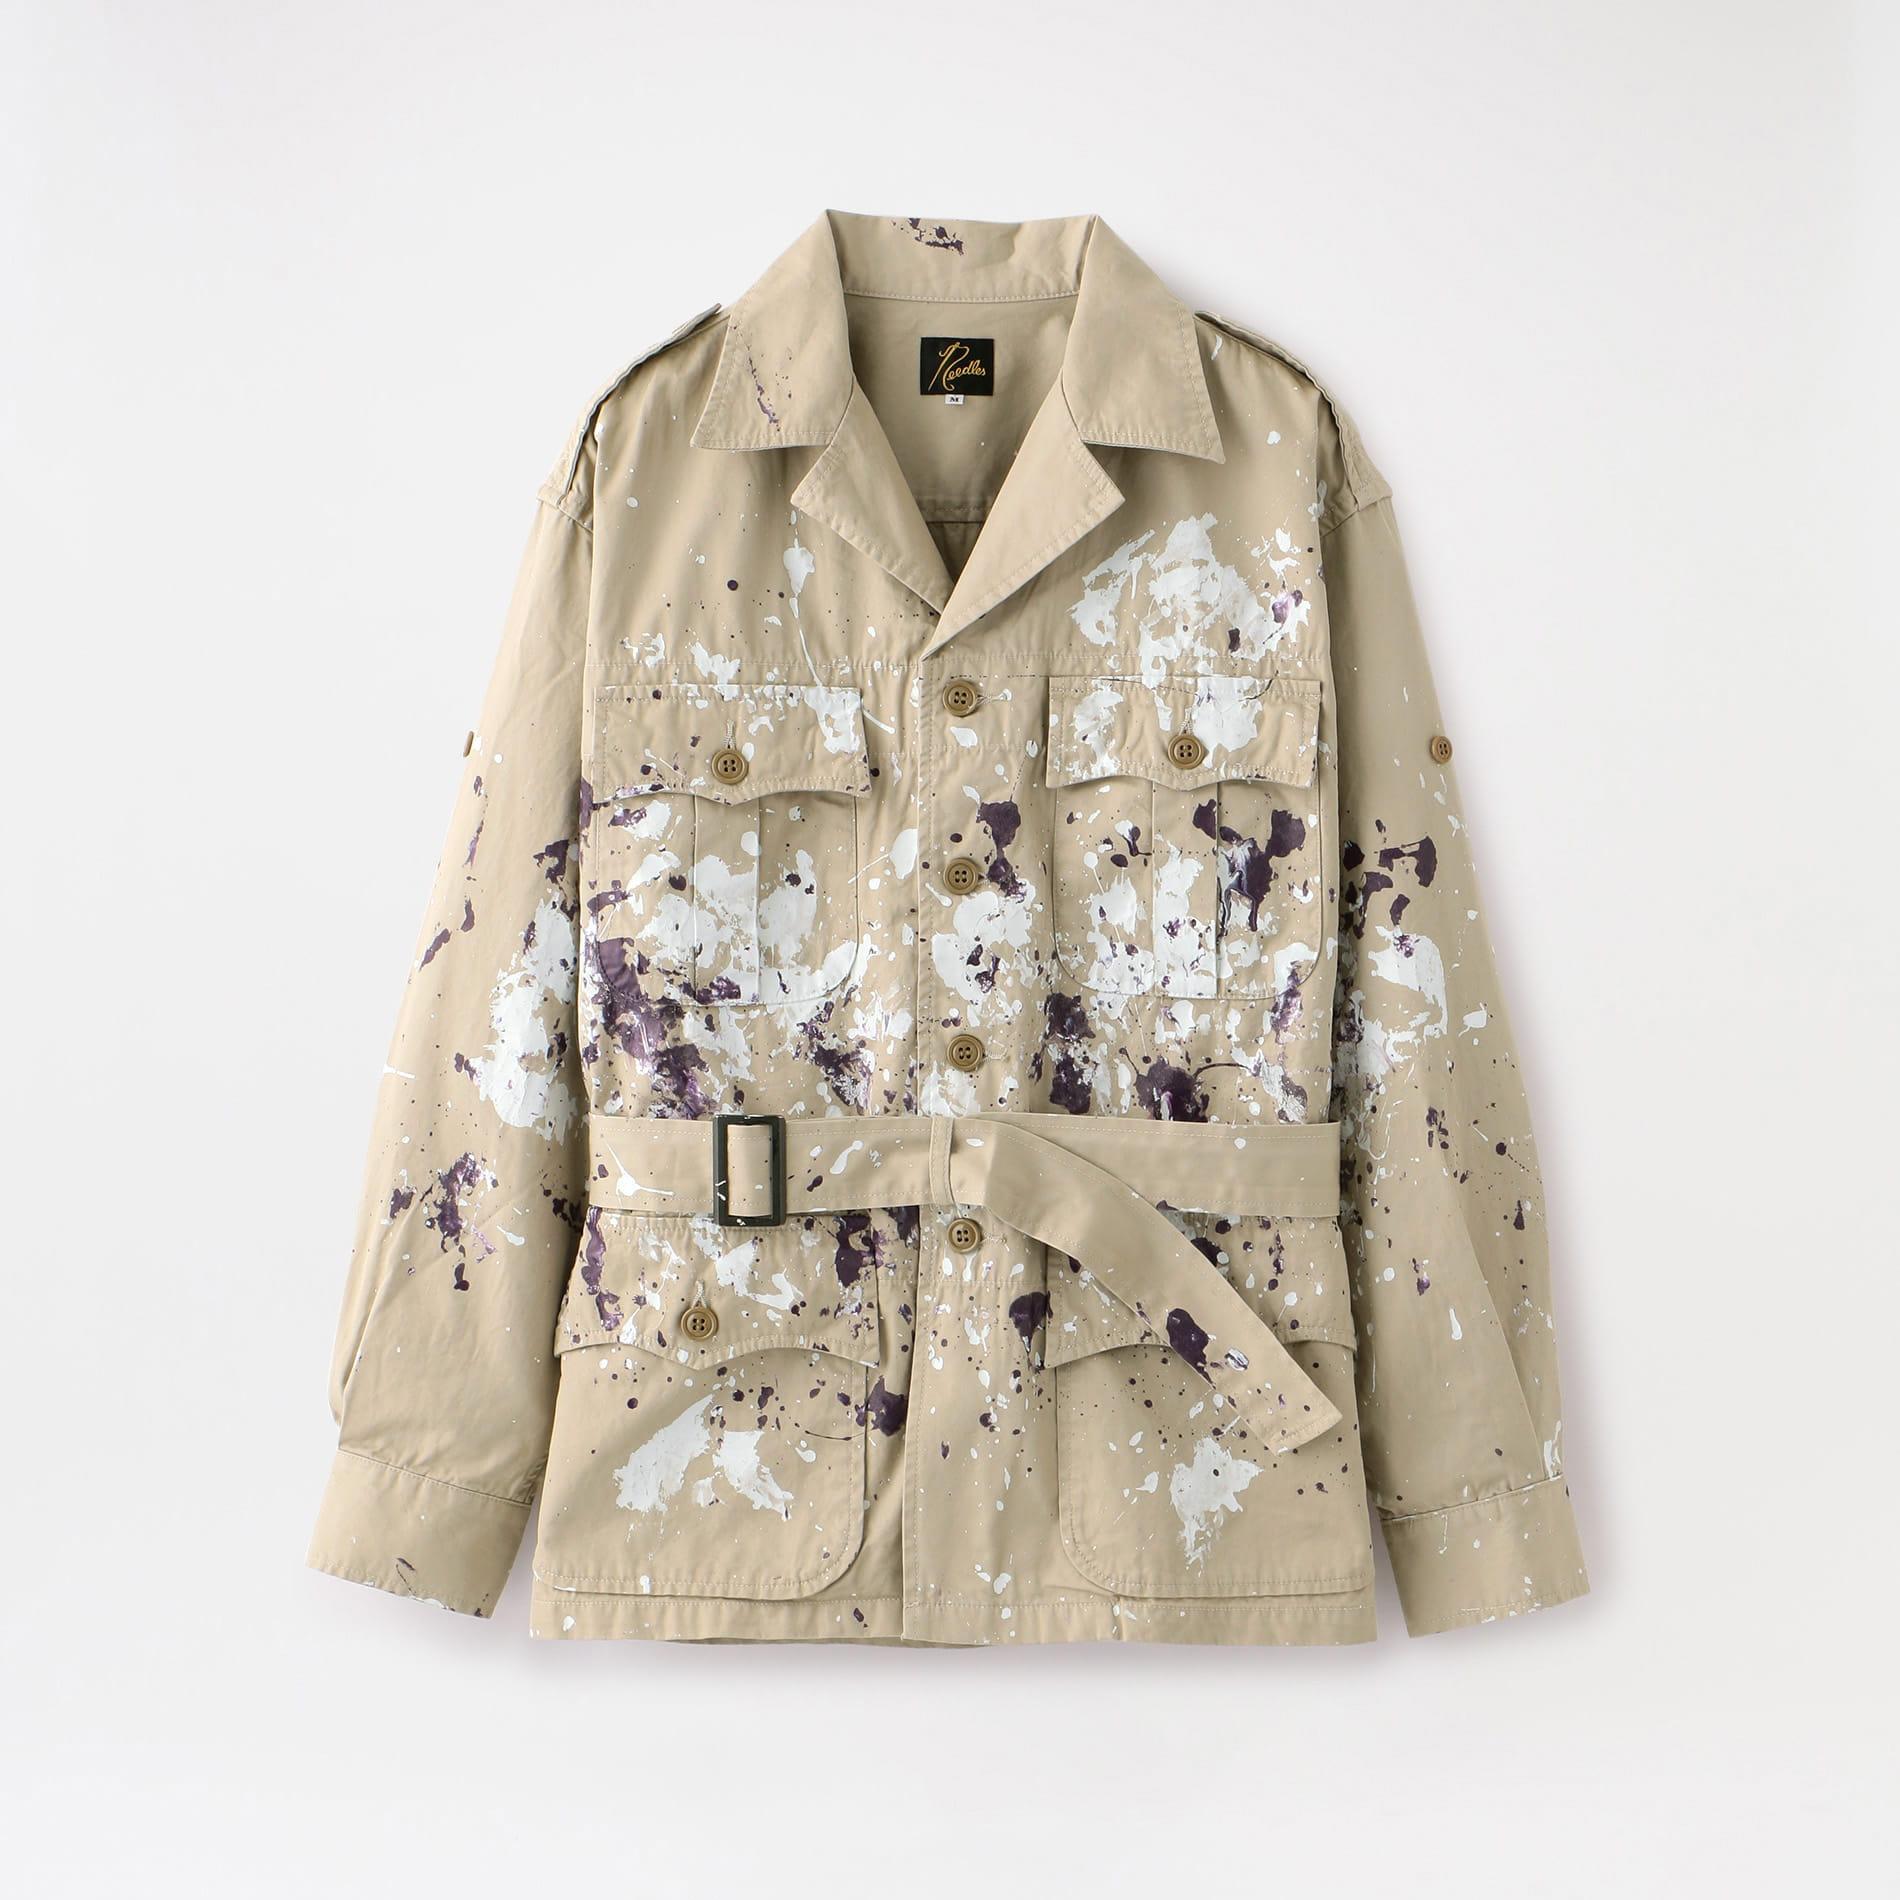 【Needles】MEN Safari Jacket - Cotton Gabardine/Paint GL151